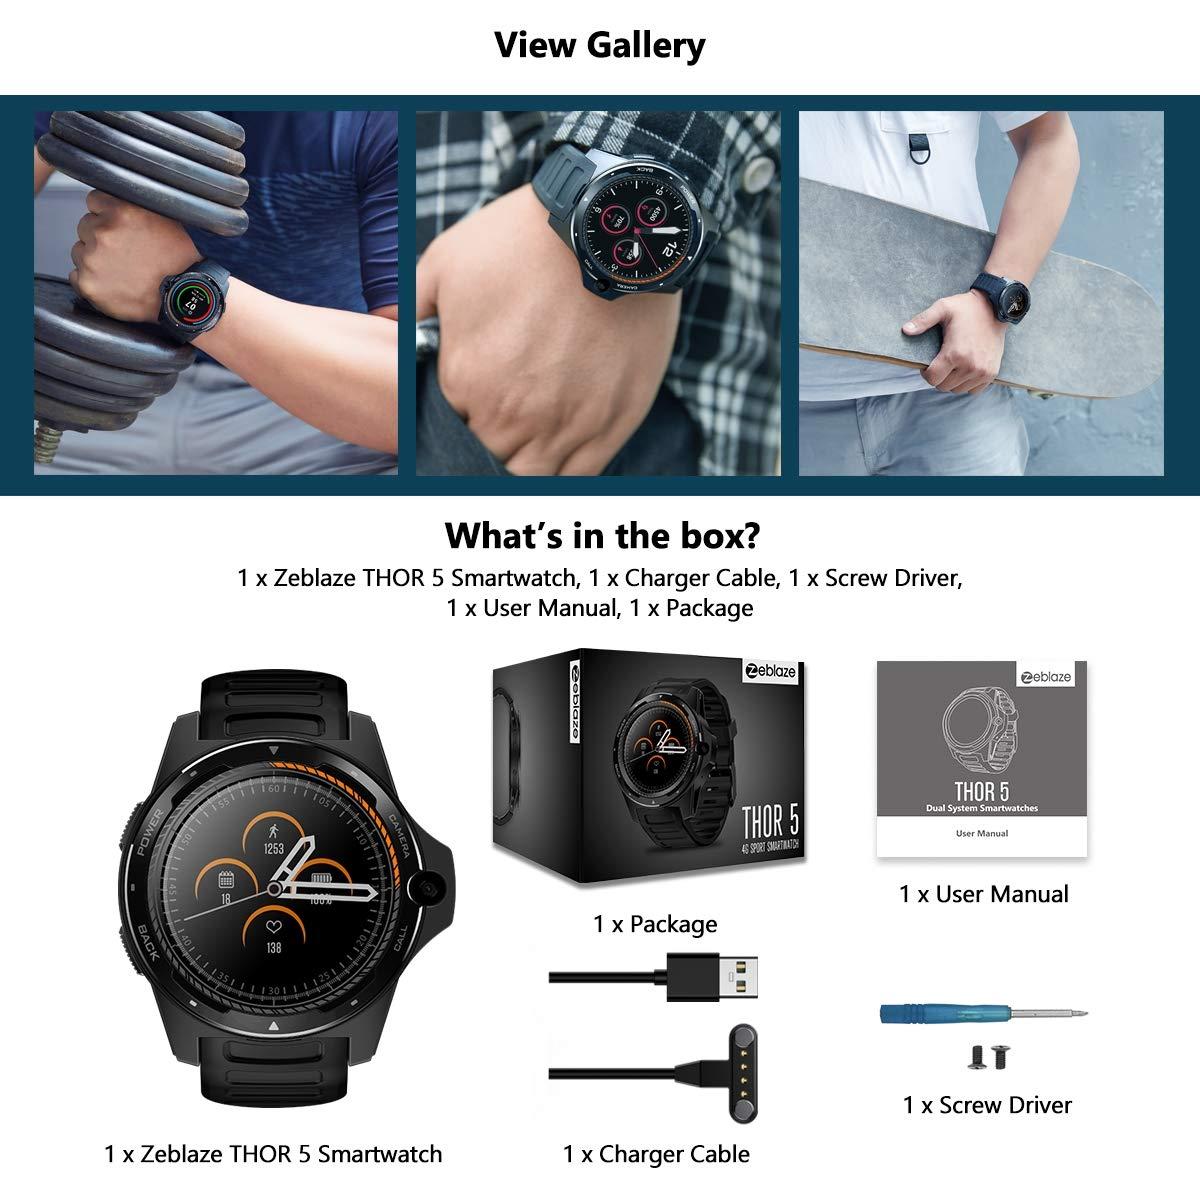 LOSNK Reloj Inteligente GPS con Aplicaciones Deportivas Incorporadas y Frecuencia CardíAca De MuñEca y Almacenamiento y ReproduccióN de MúSica